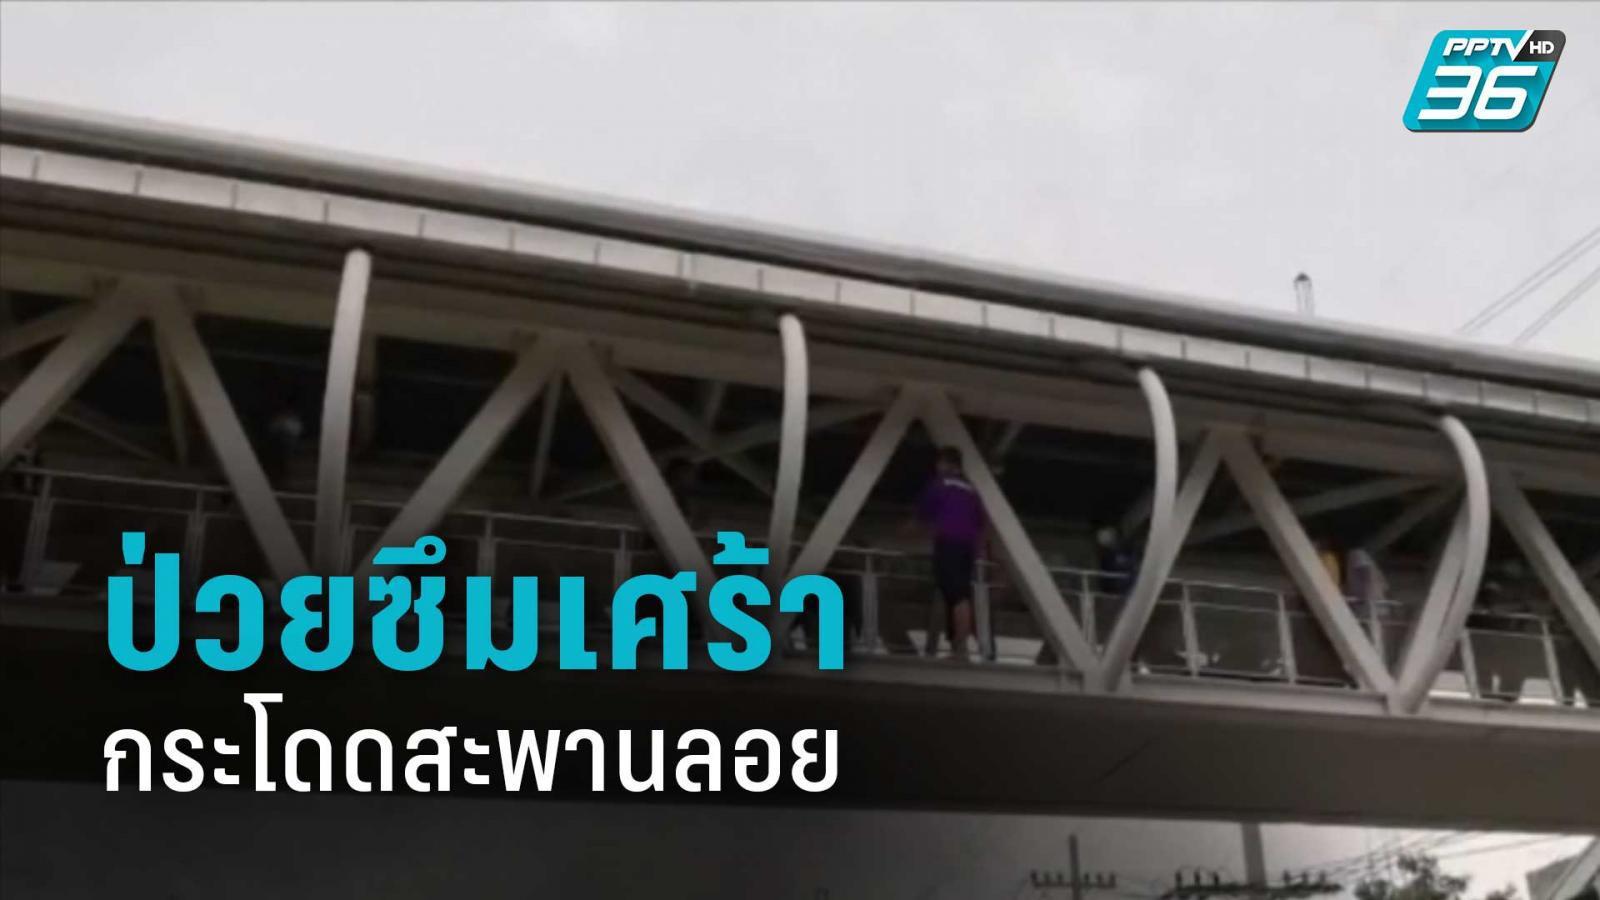 หมอดูแลใกล้ชิด ม.3 ป่วยซึมเศร้า จะกระโดดสะพานลอย รอบ 2